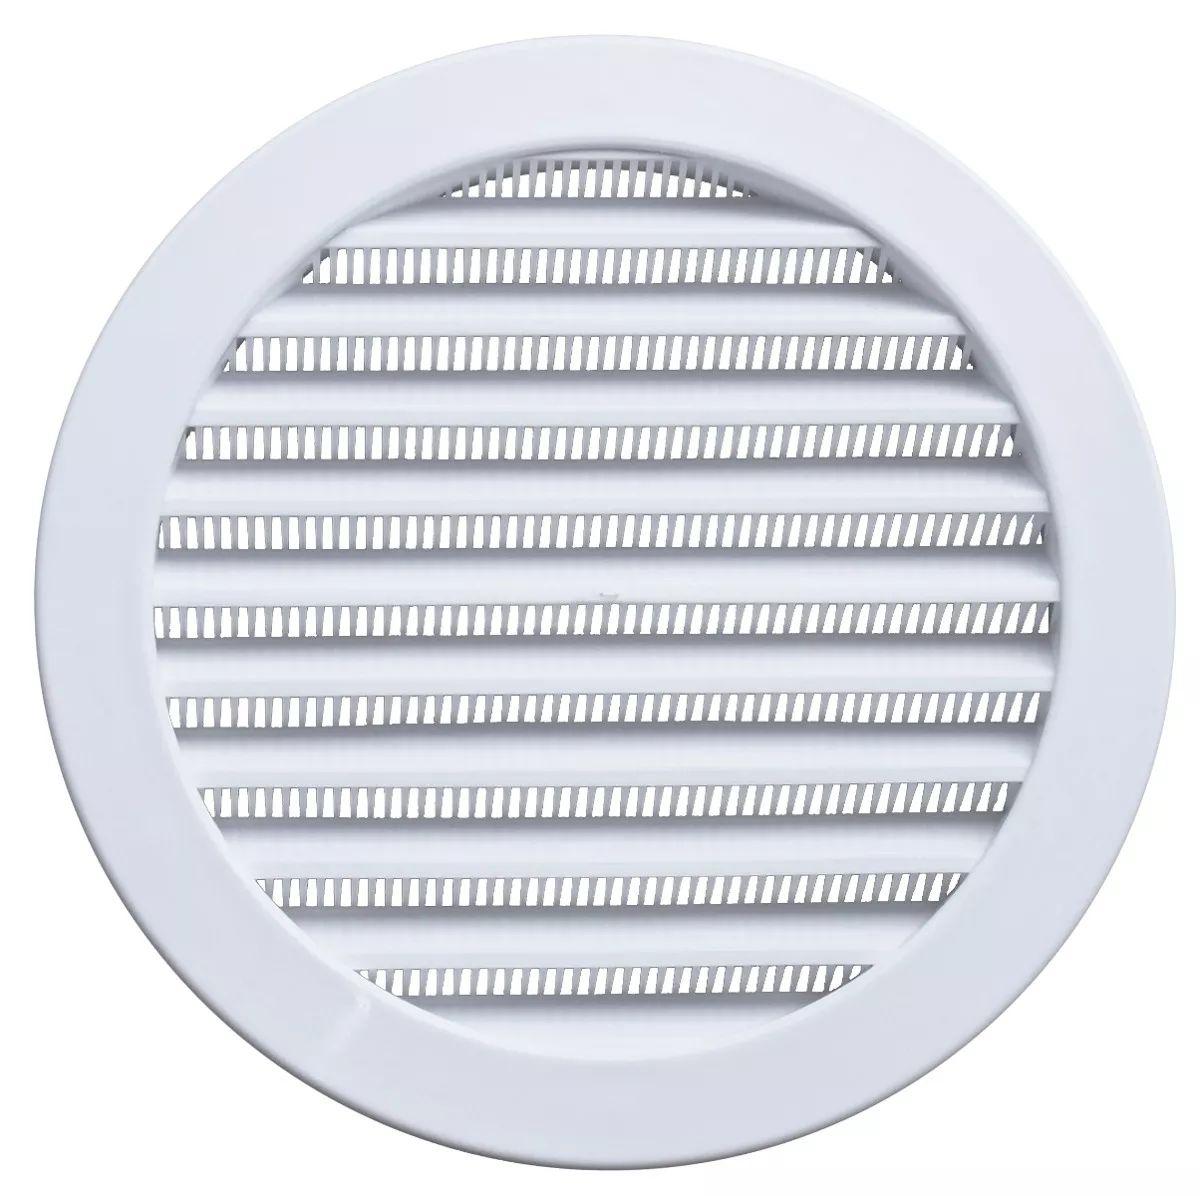 Grade Ventilação Redonda 20 cm Com Tela - Pack com 10 unidades